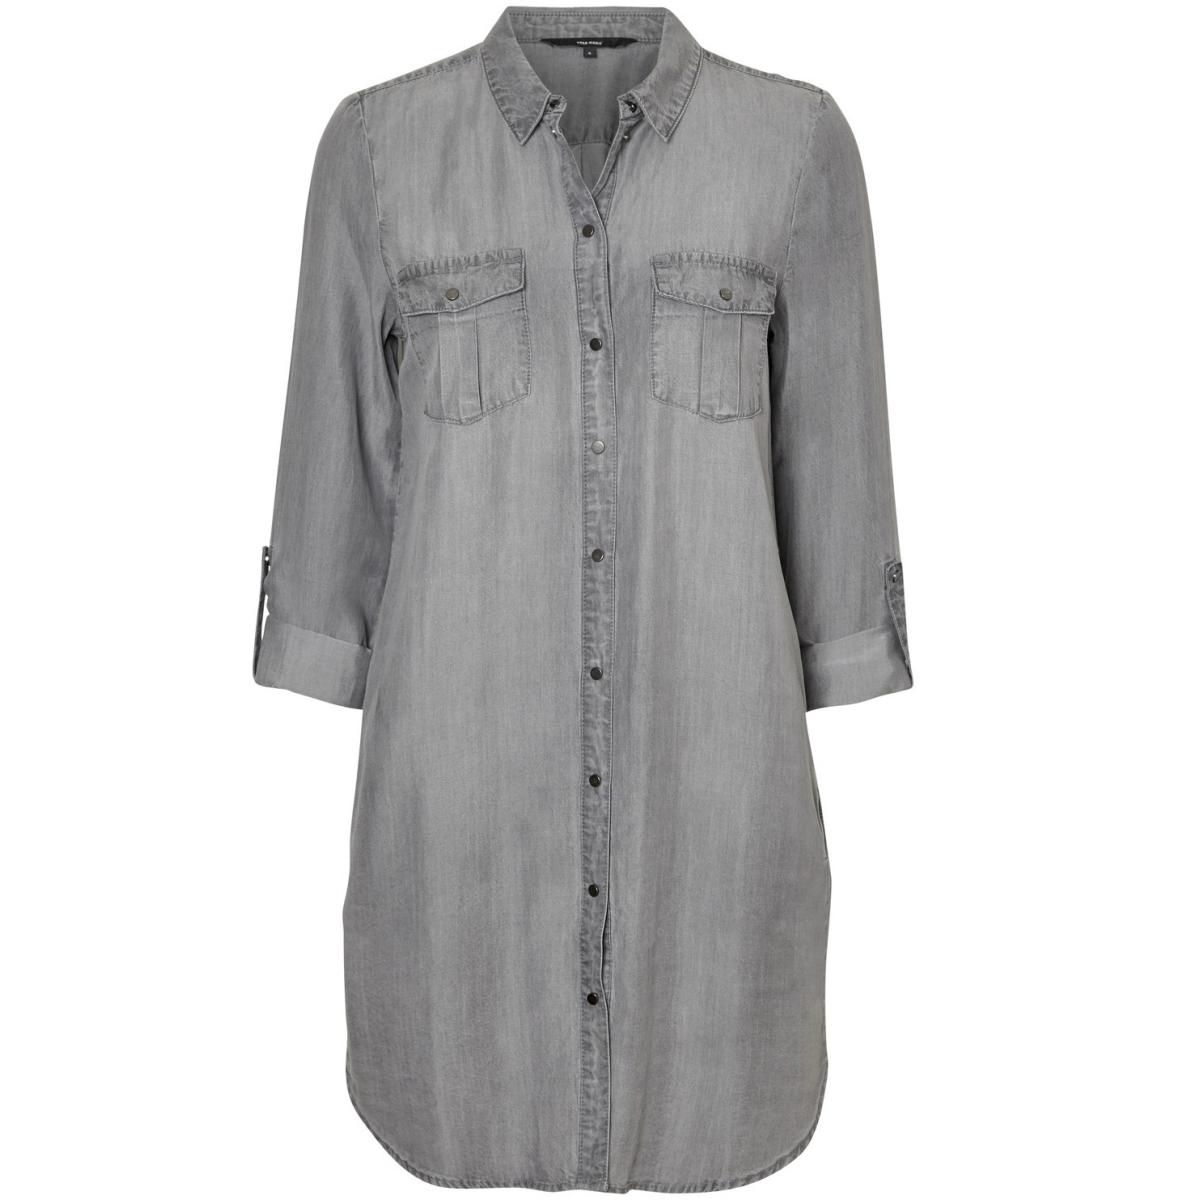 vmsilla ls grey short dress ga noos 10184178 vero moda jurk light grey denim